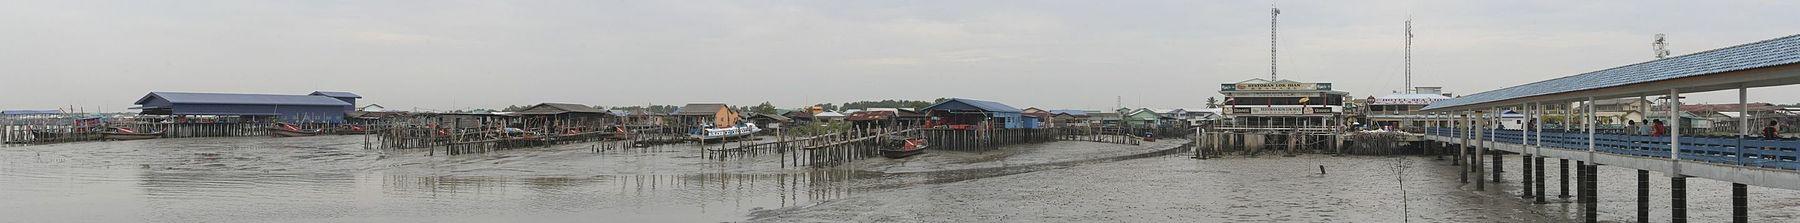 Panorama of Pulau Ketam